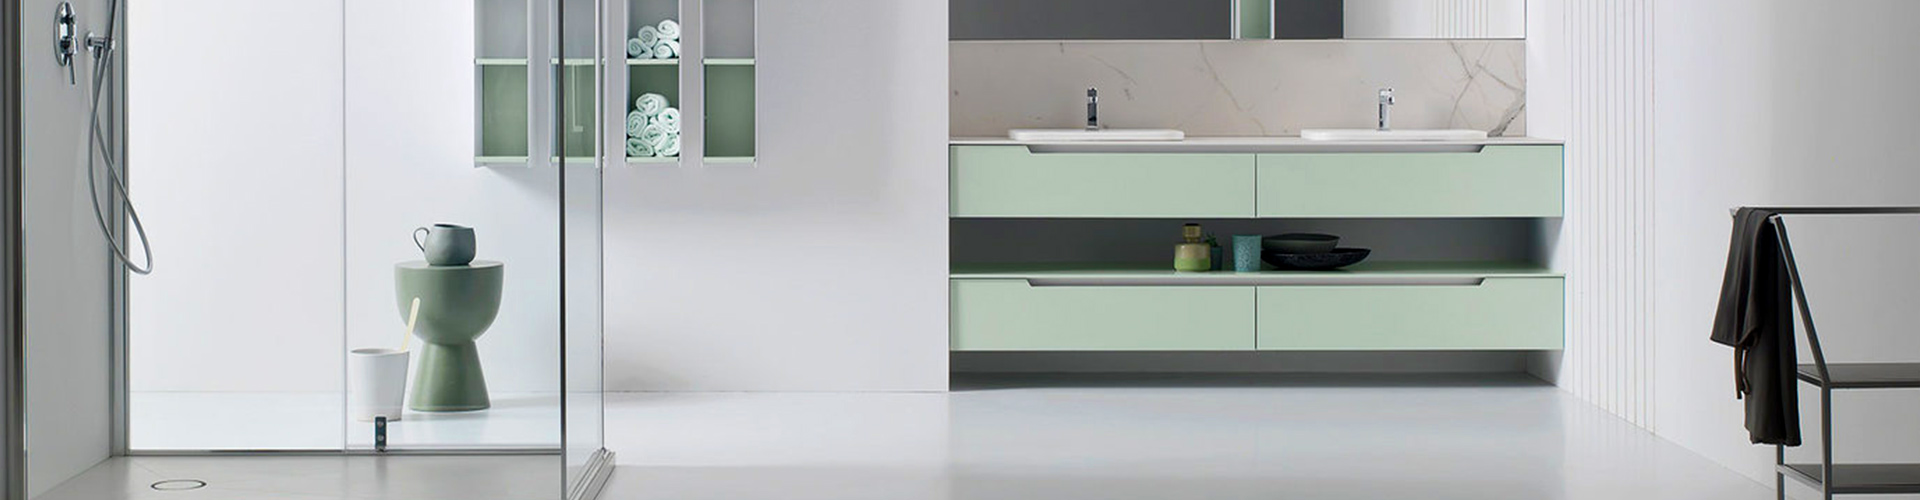 Mobili arredo bagno arcom carboni casa - Arcom mobili bagno ...